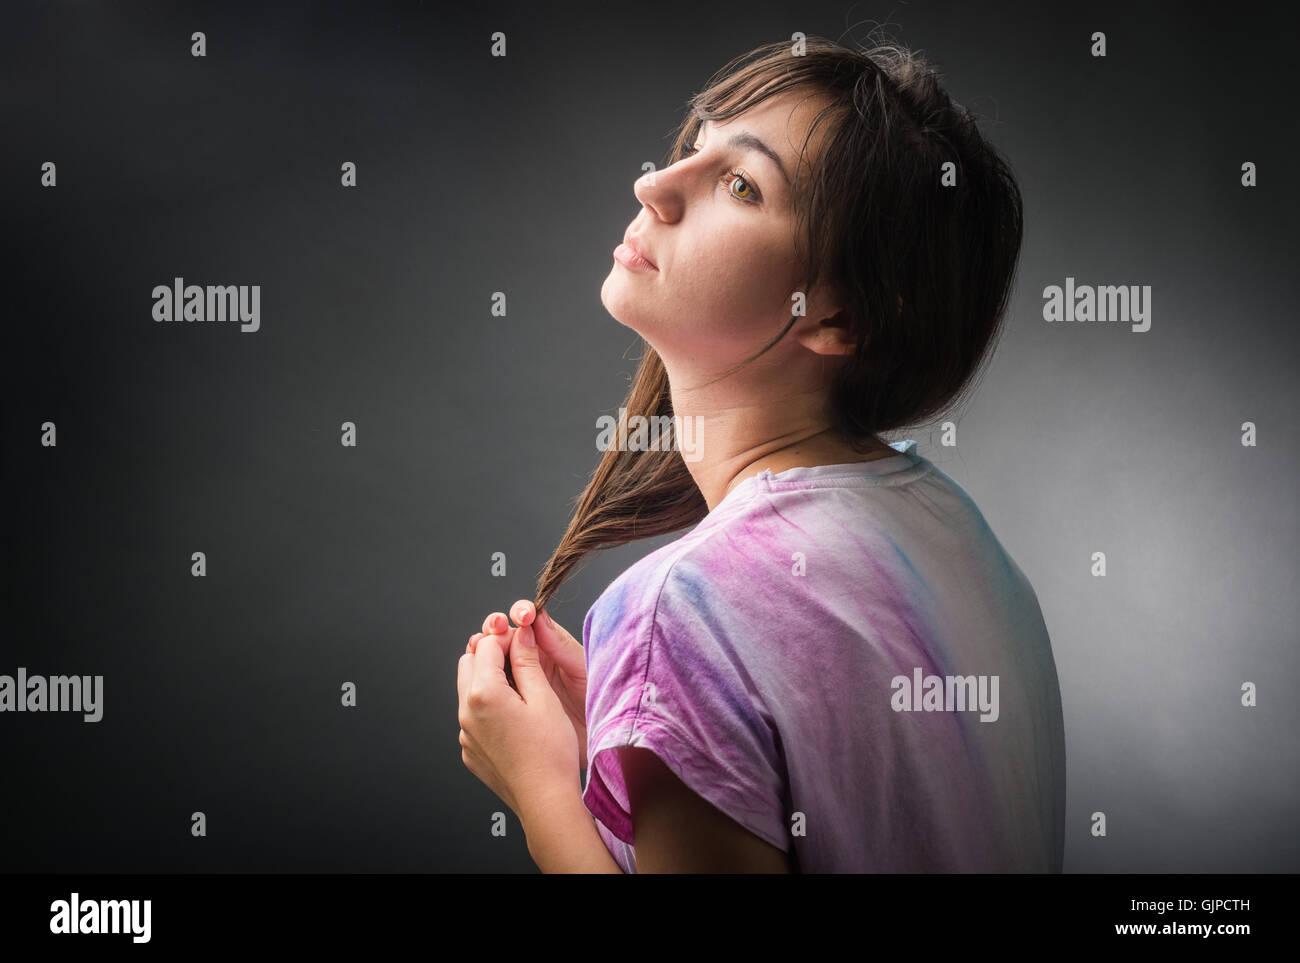 Portrait of melancholic girl isolated on black - Stock Image